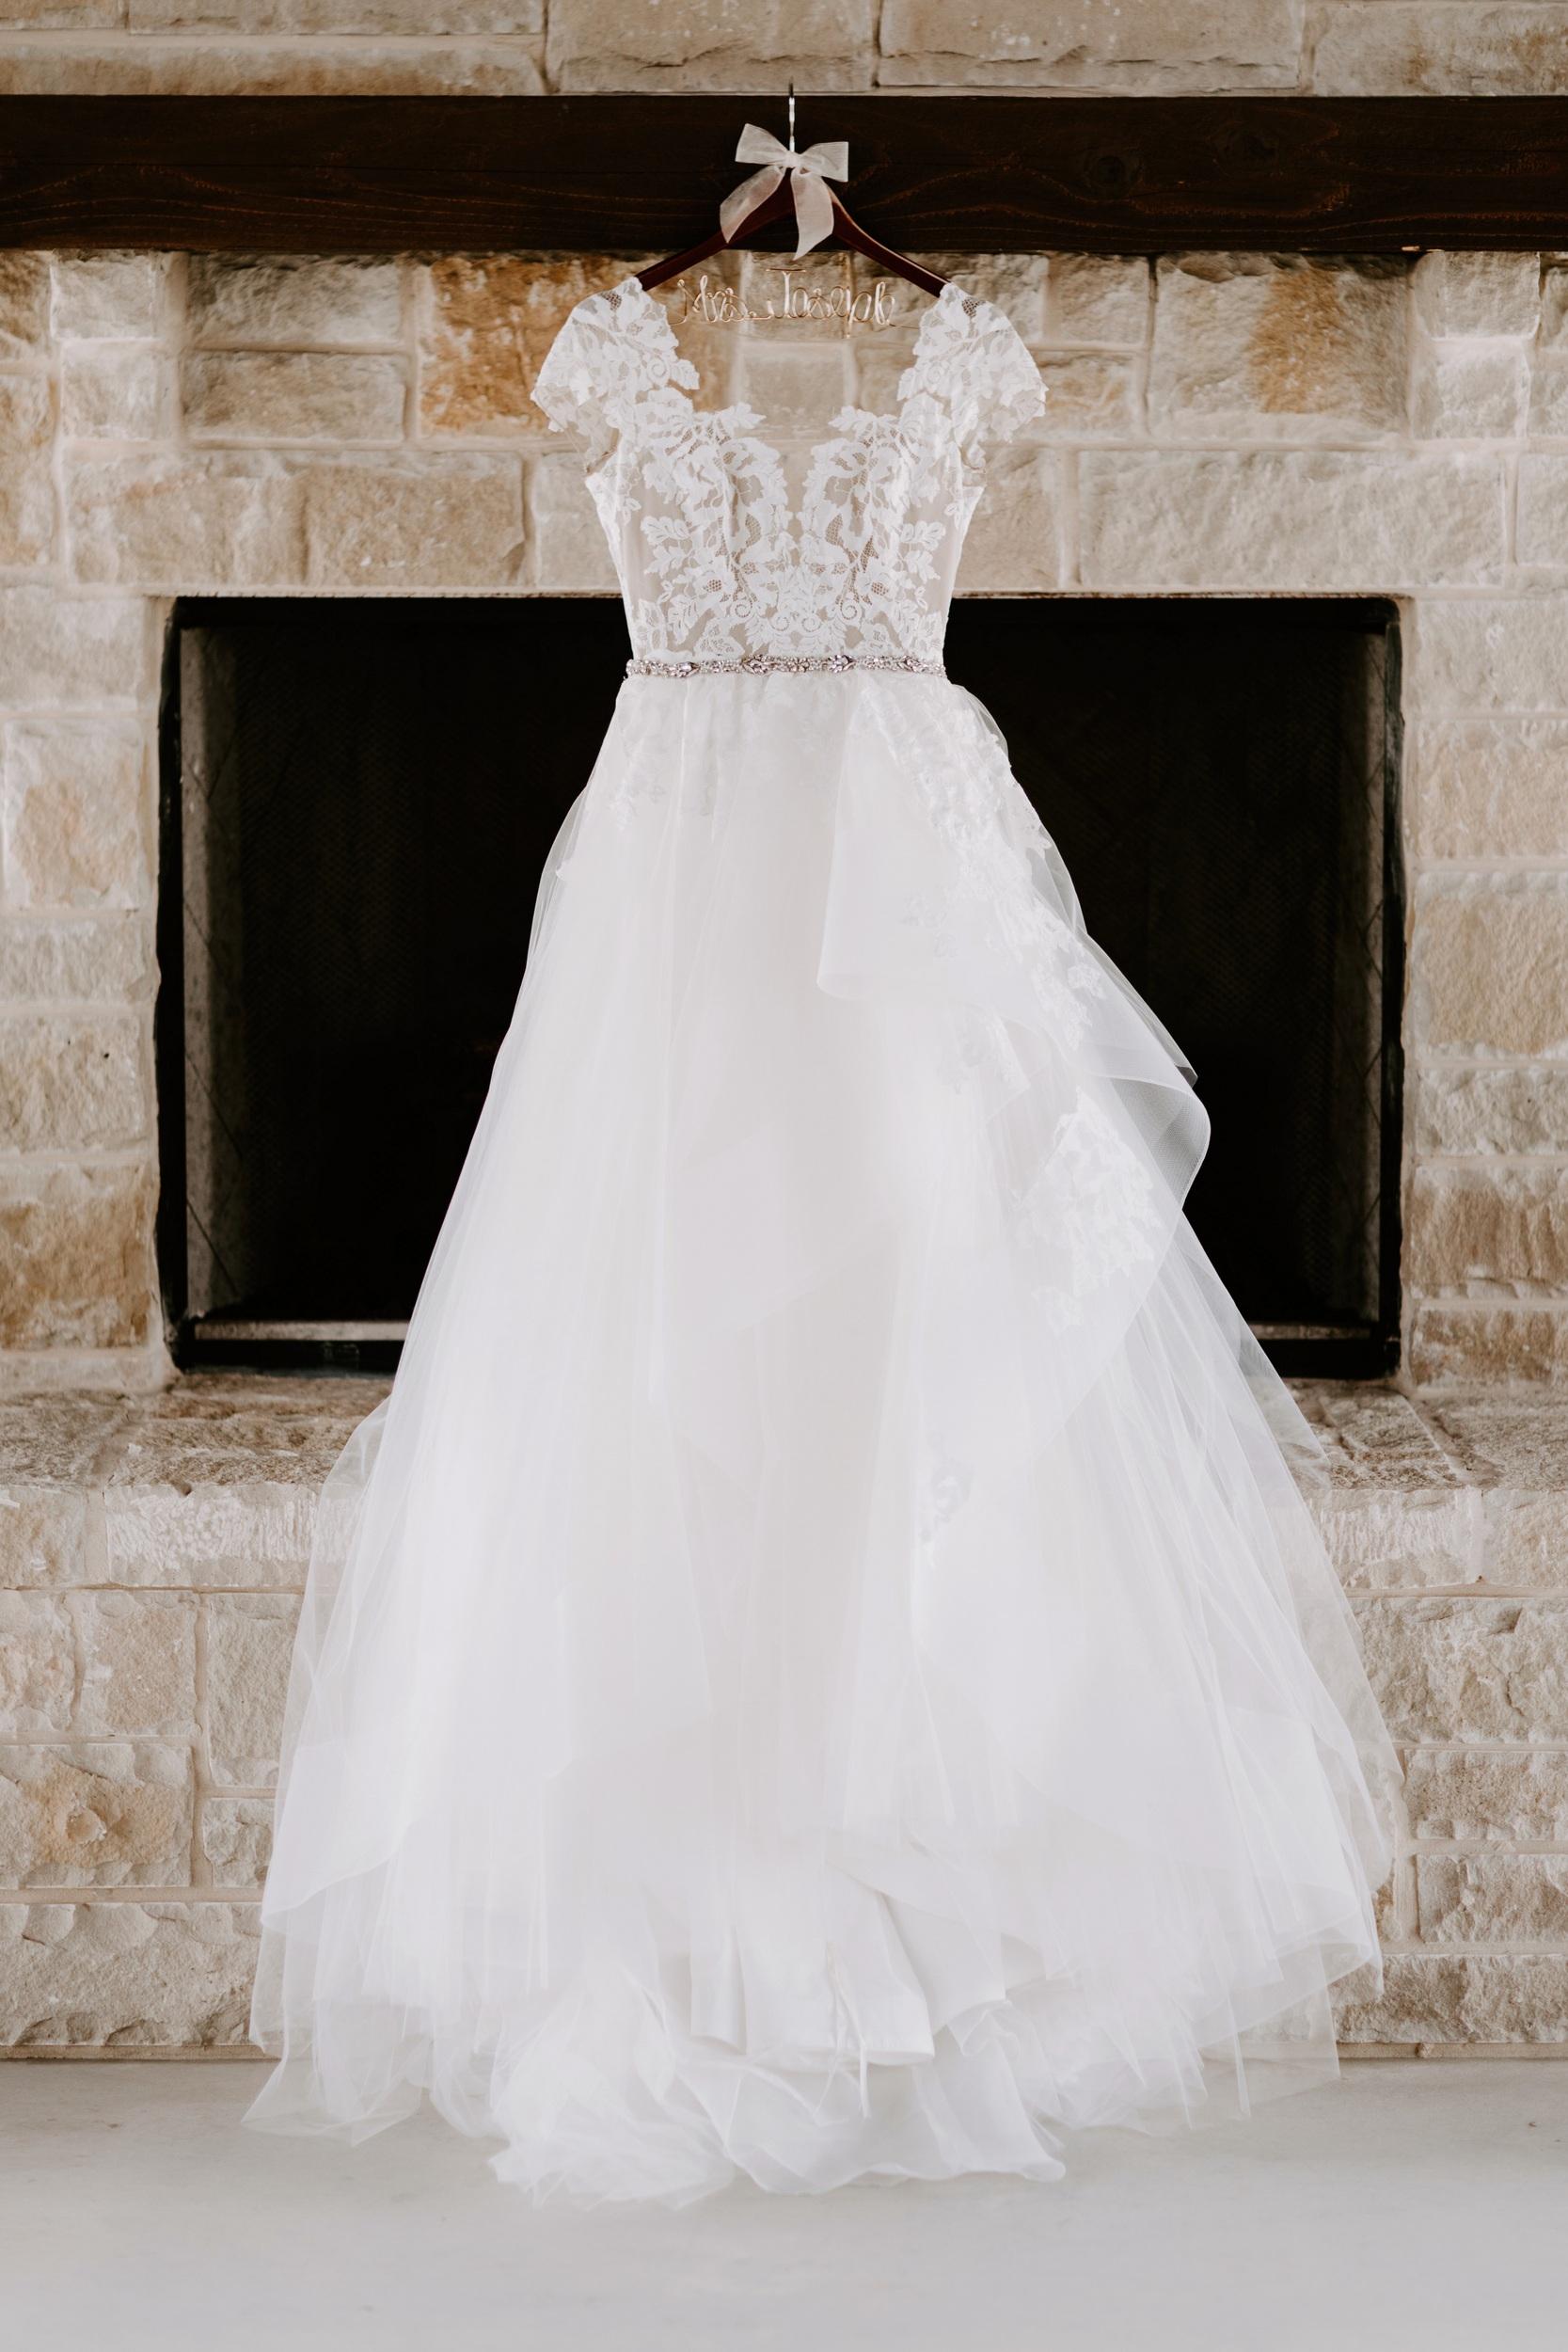 1-MADDY + PATRICK WEDDING_HALEY RYNN RINGO_rent my dust_details_ (9).jpg